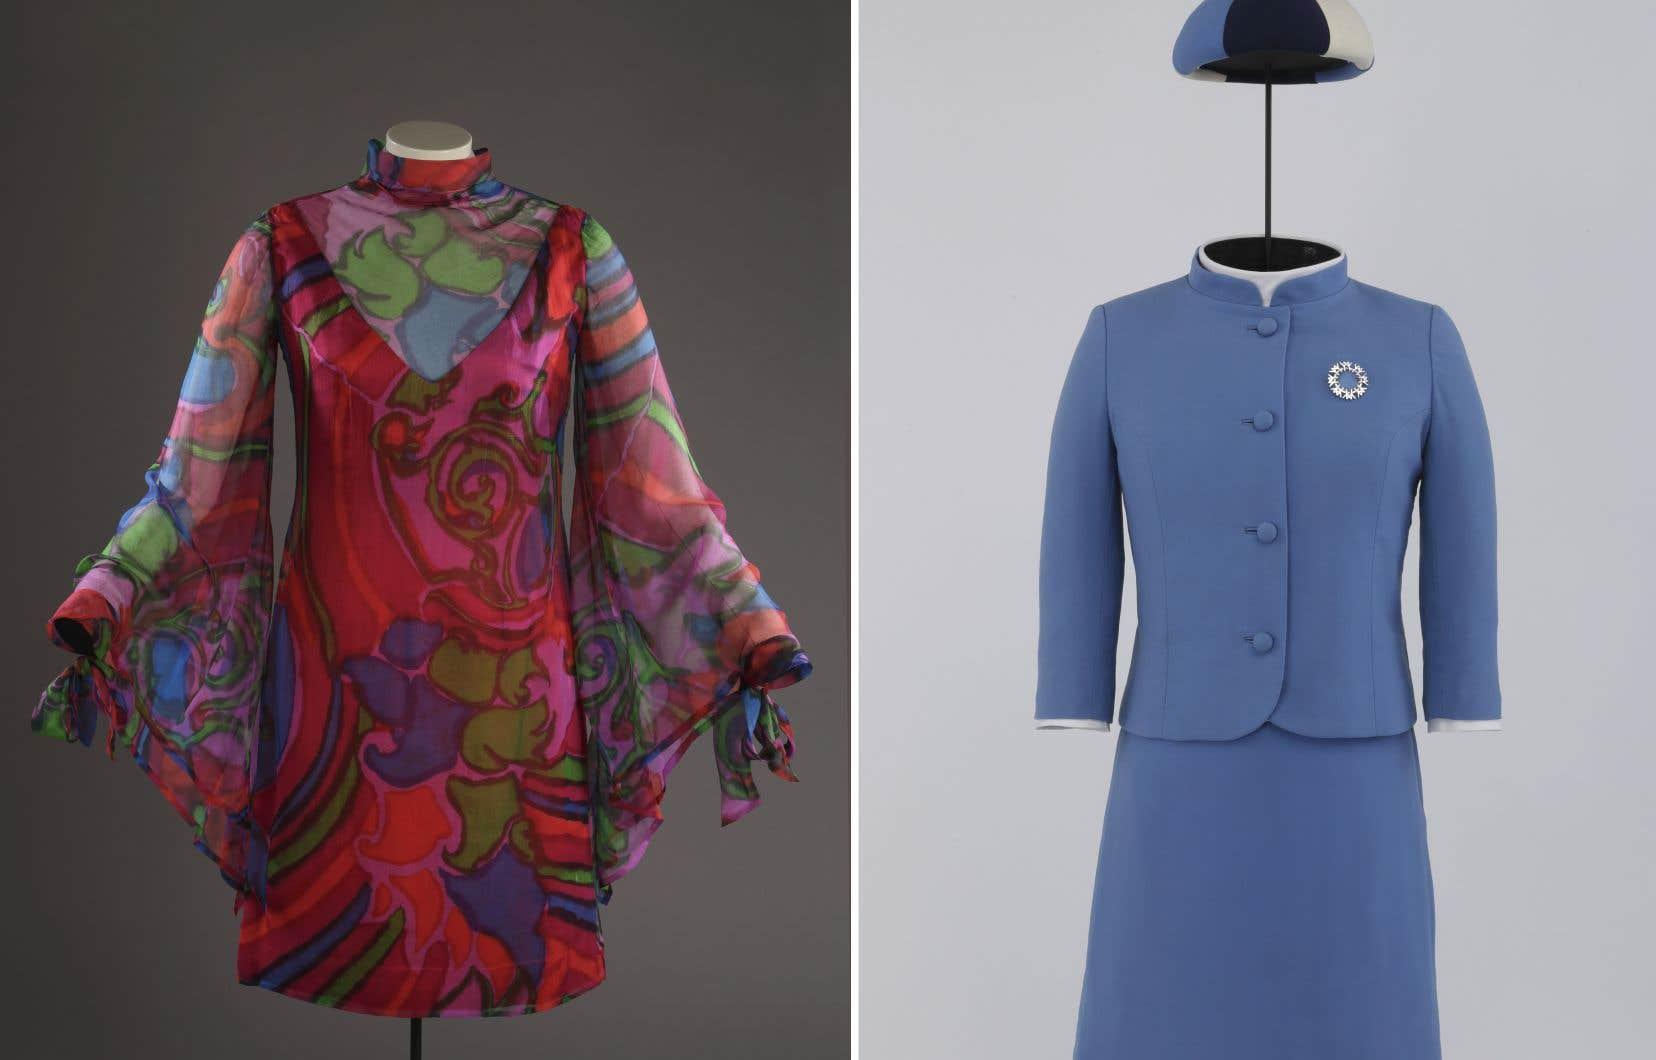 En moyenne, le musée acquiert en temps normal autour de 10 000 objets par an, principalement par dons. À gauche, une robe cocktail qui a appartenu à Marie-Claire Boucher Drapeau et à droite, l'uniforme iconique porté par les hôtesses d'Expo 67.